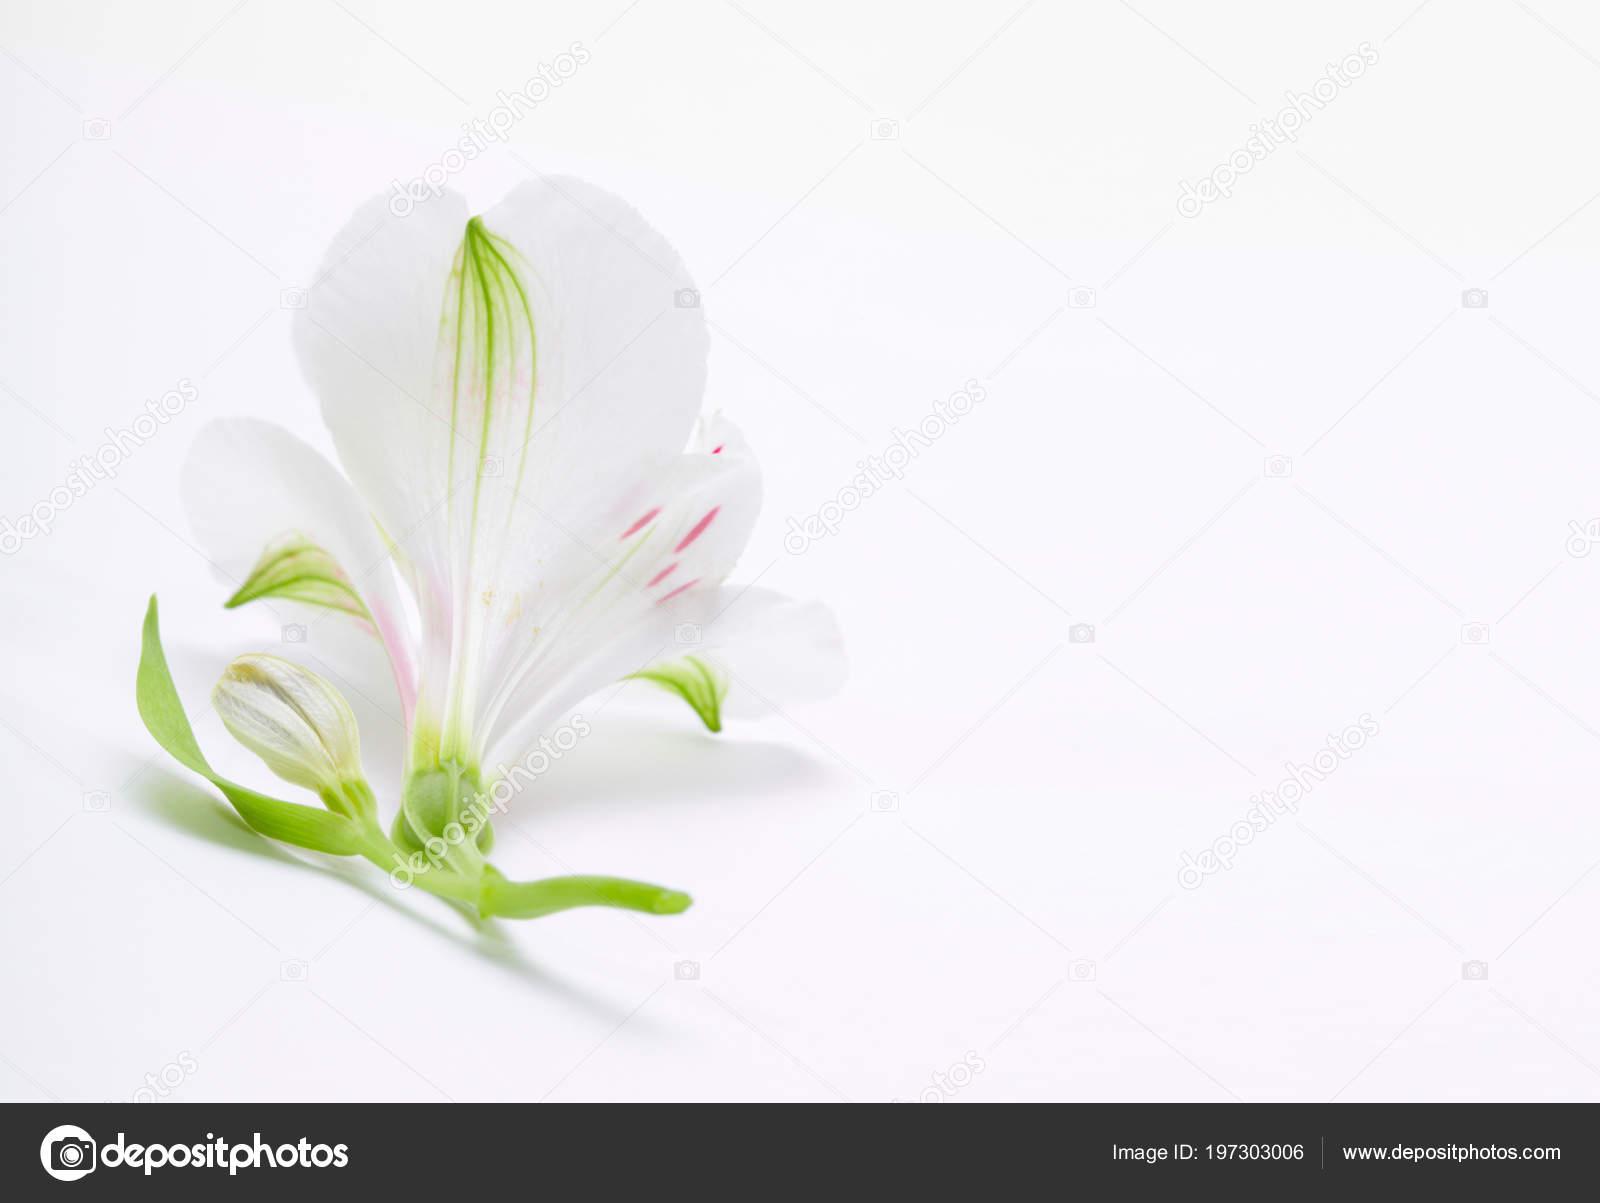 Fleur Lys Blanche Sur Fond Clair Photographie Tihon6 C 197303006